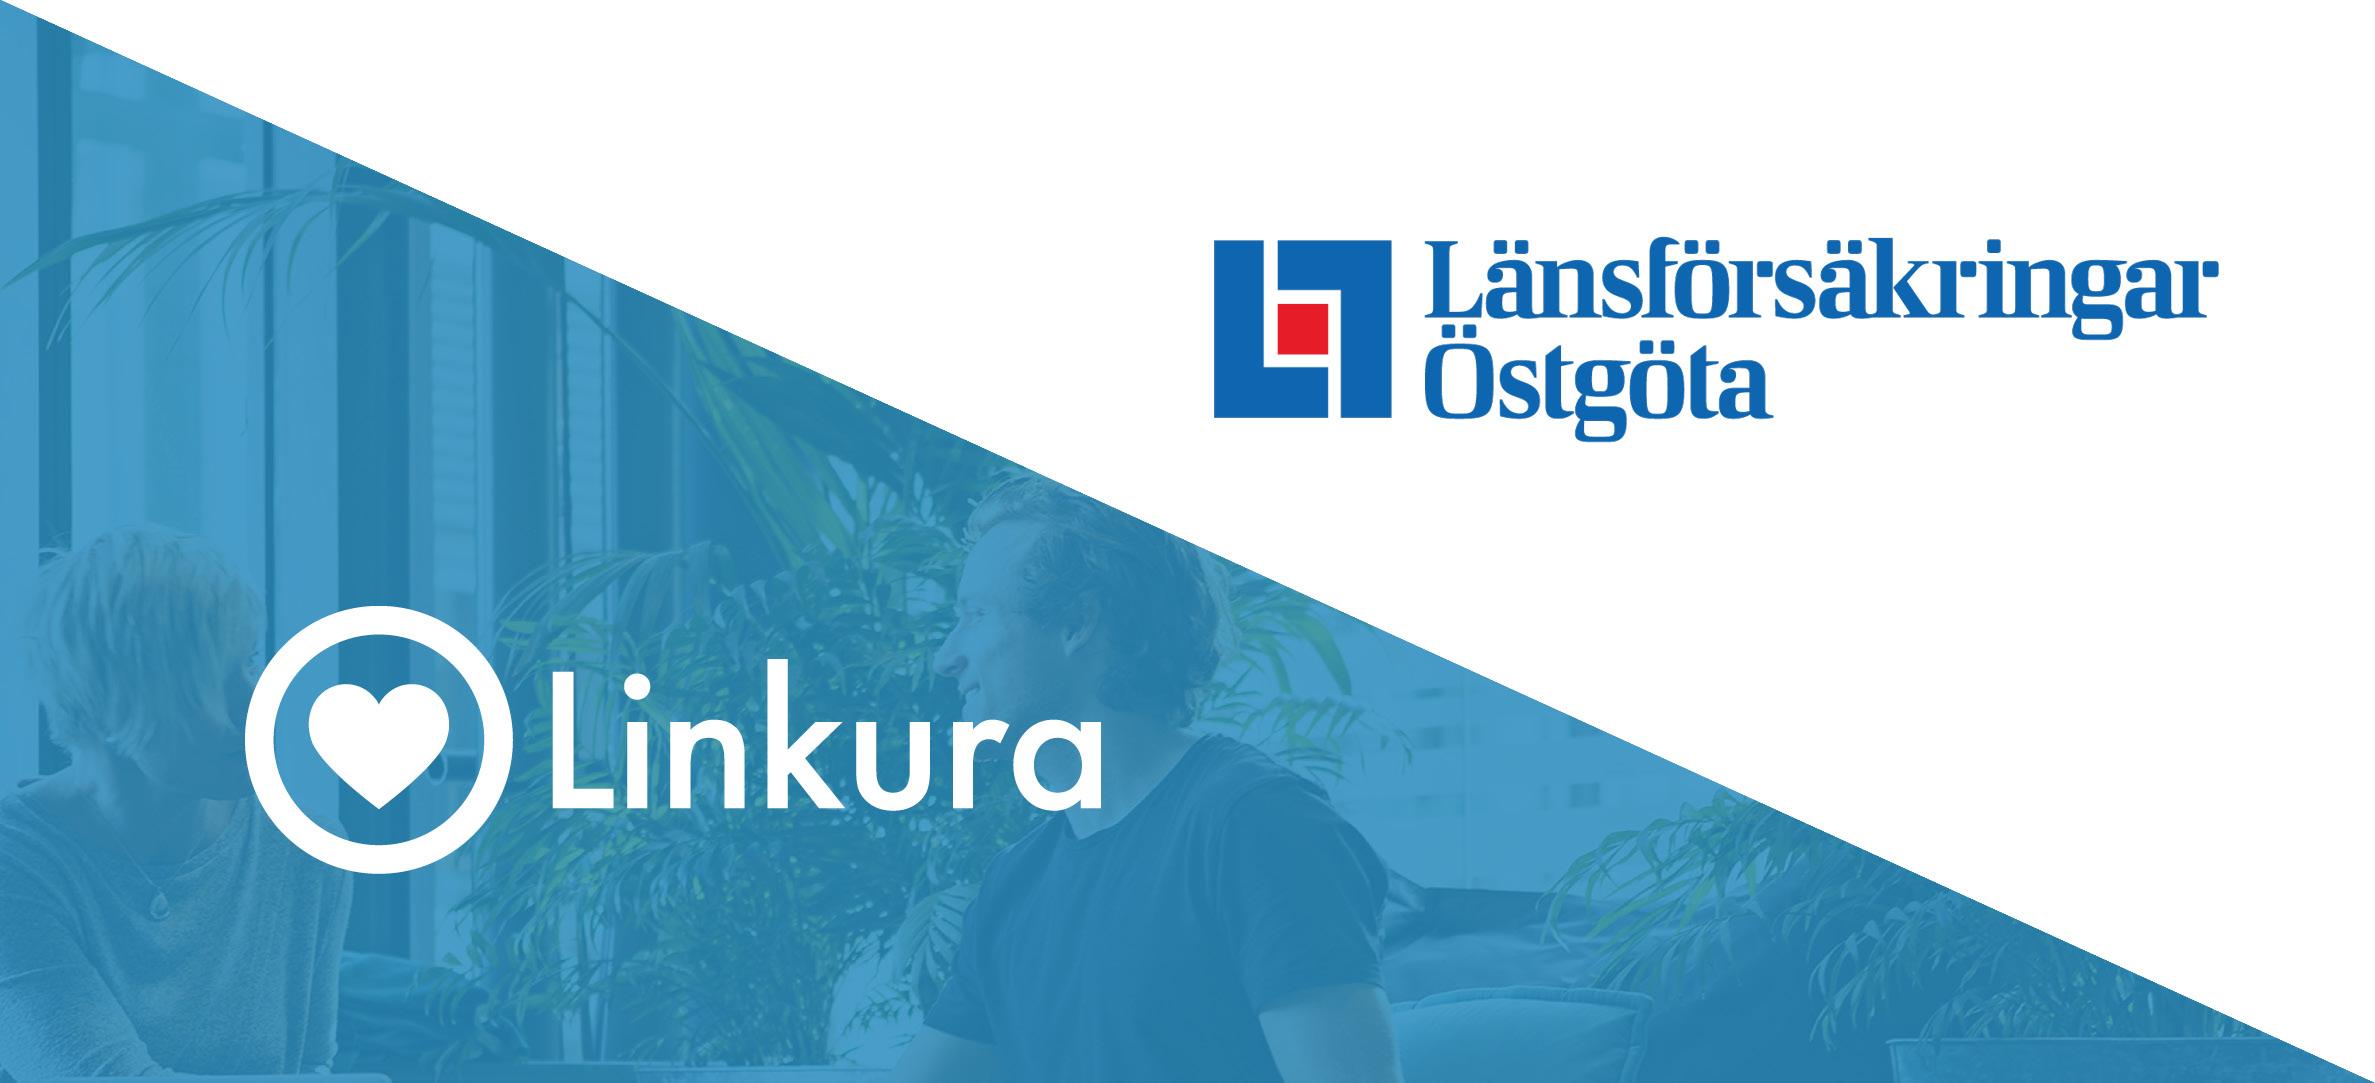 Linkura 💙 Länsförsäkringar Östgöta